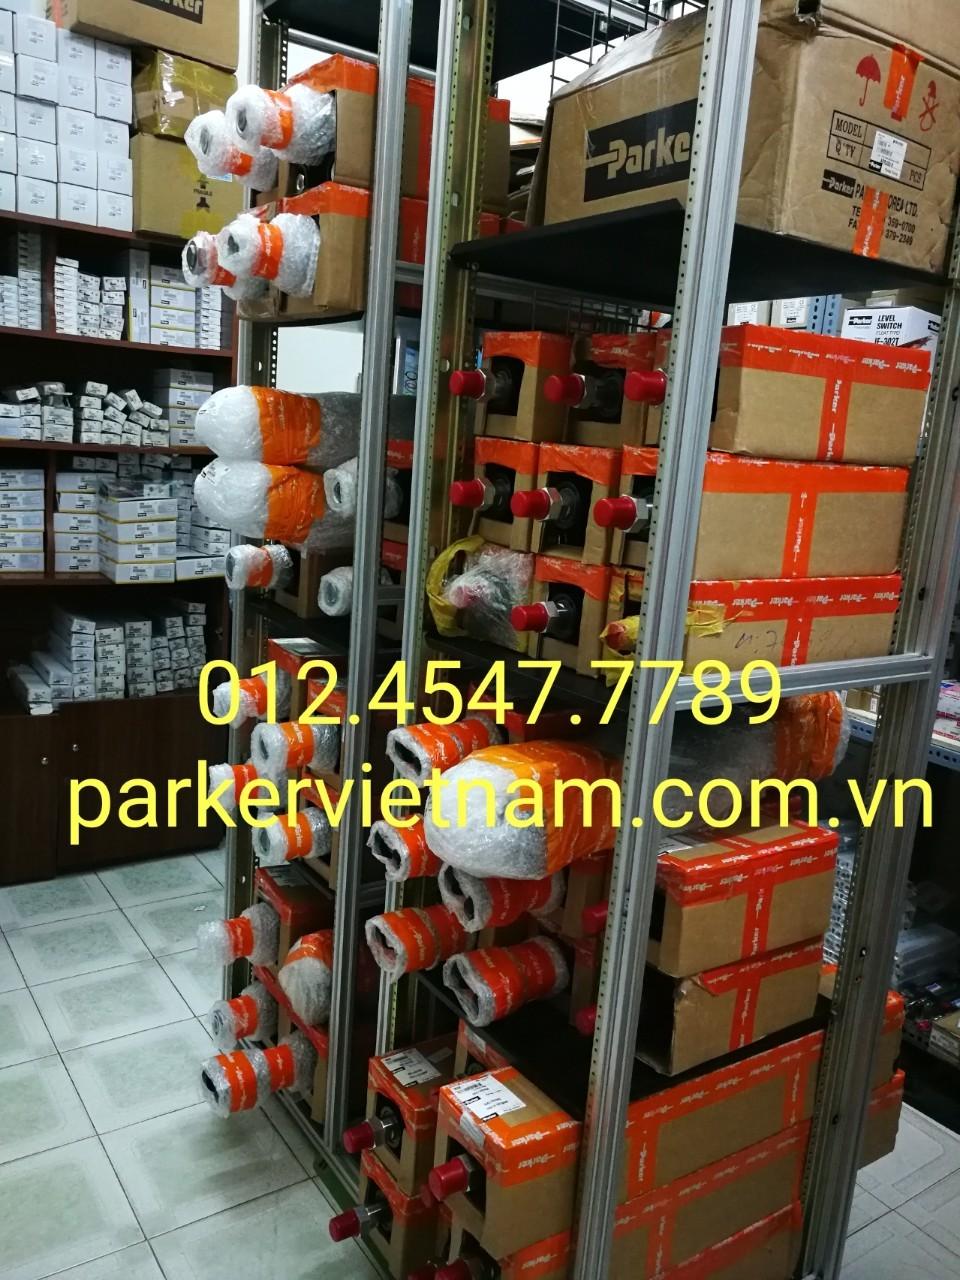 Xi lanh GDC125X250,... hàng luôn có sẵn sll